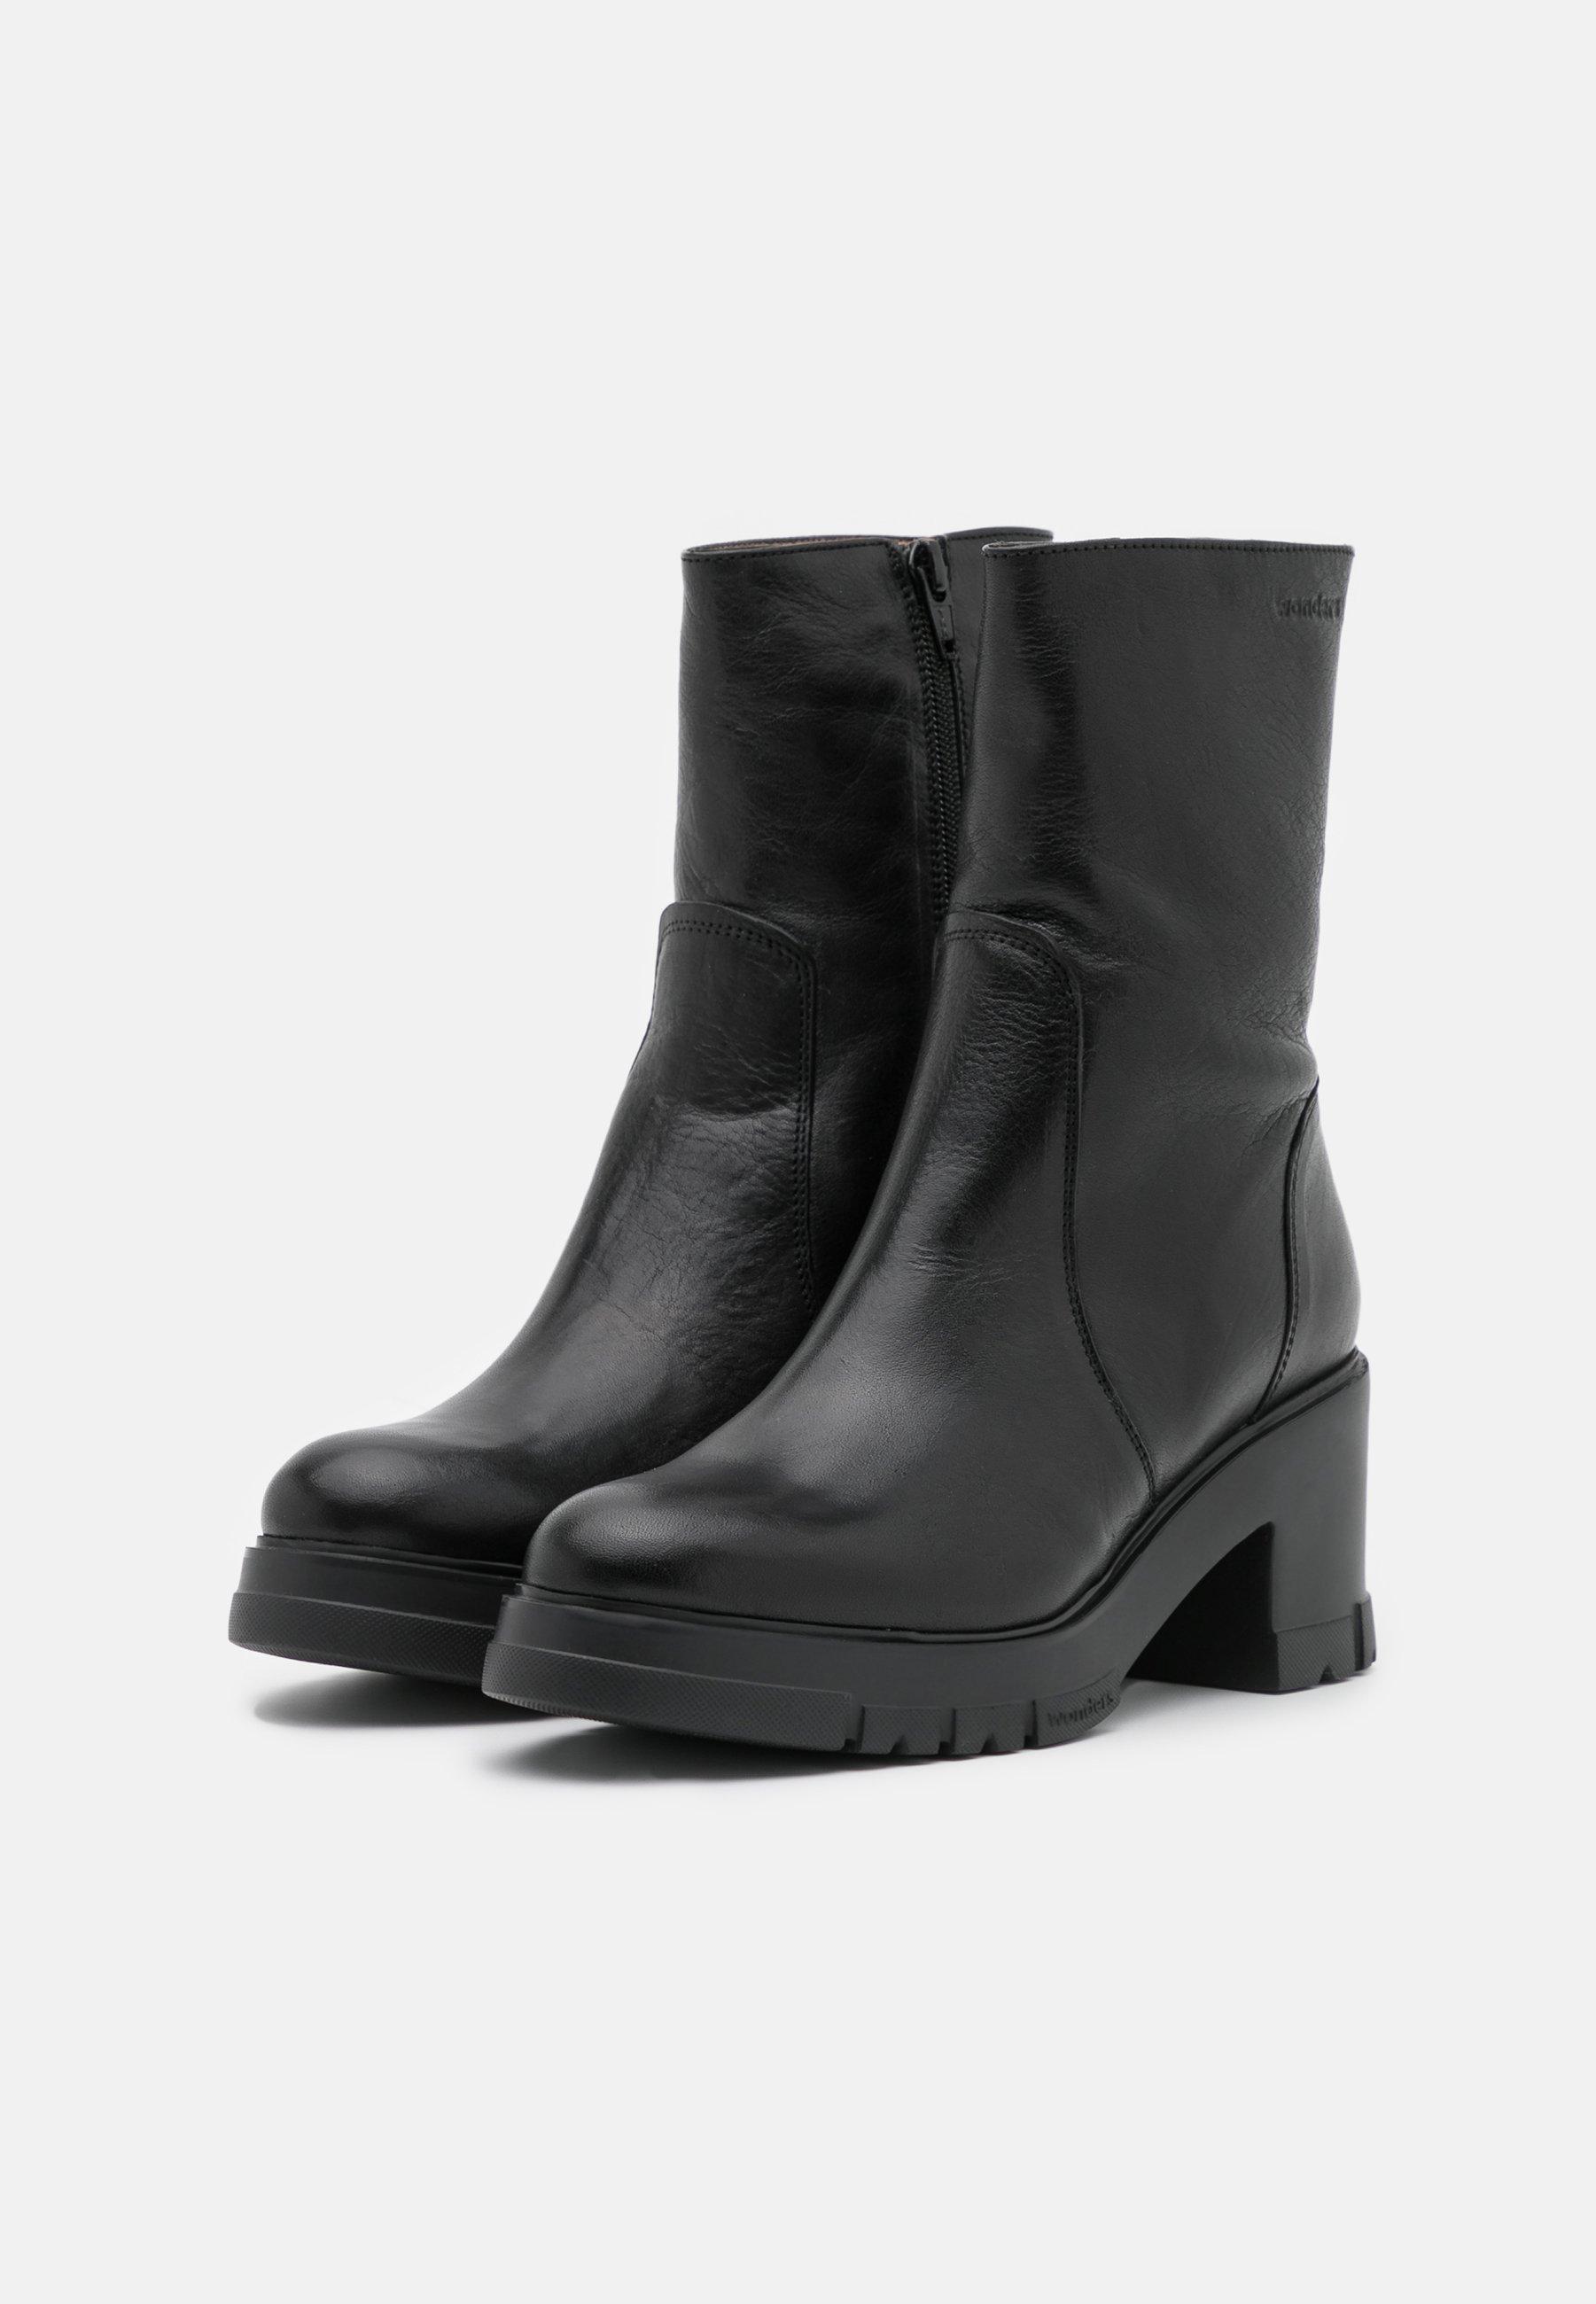 WONDERS Platform-nilkkurit - nero - Naisten kengät QmWh5